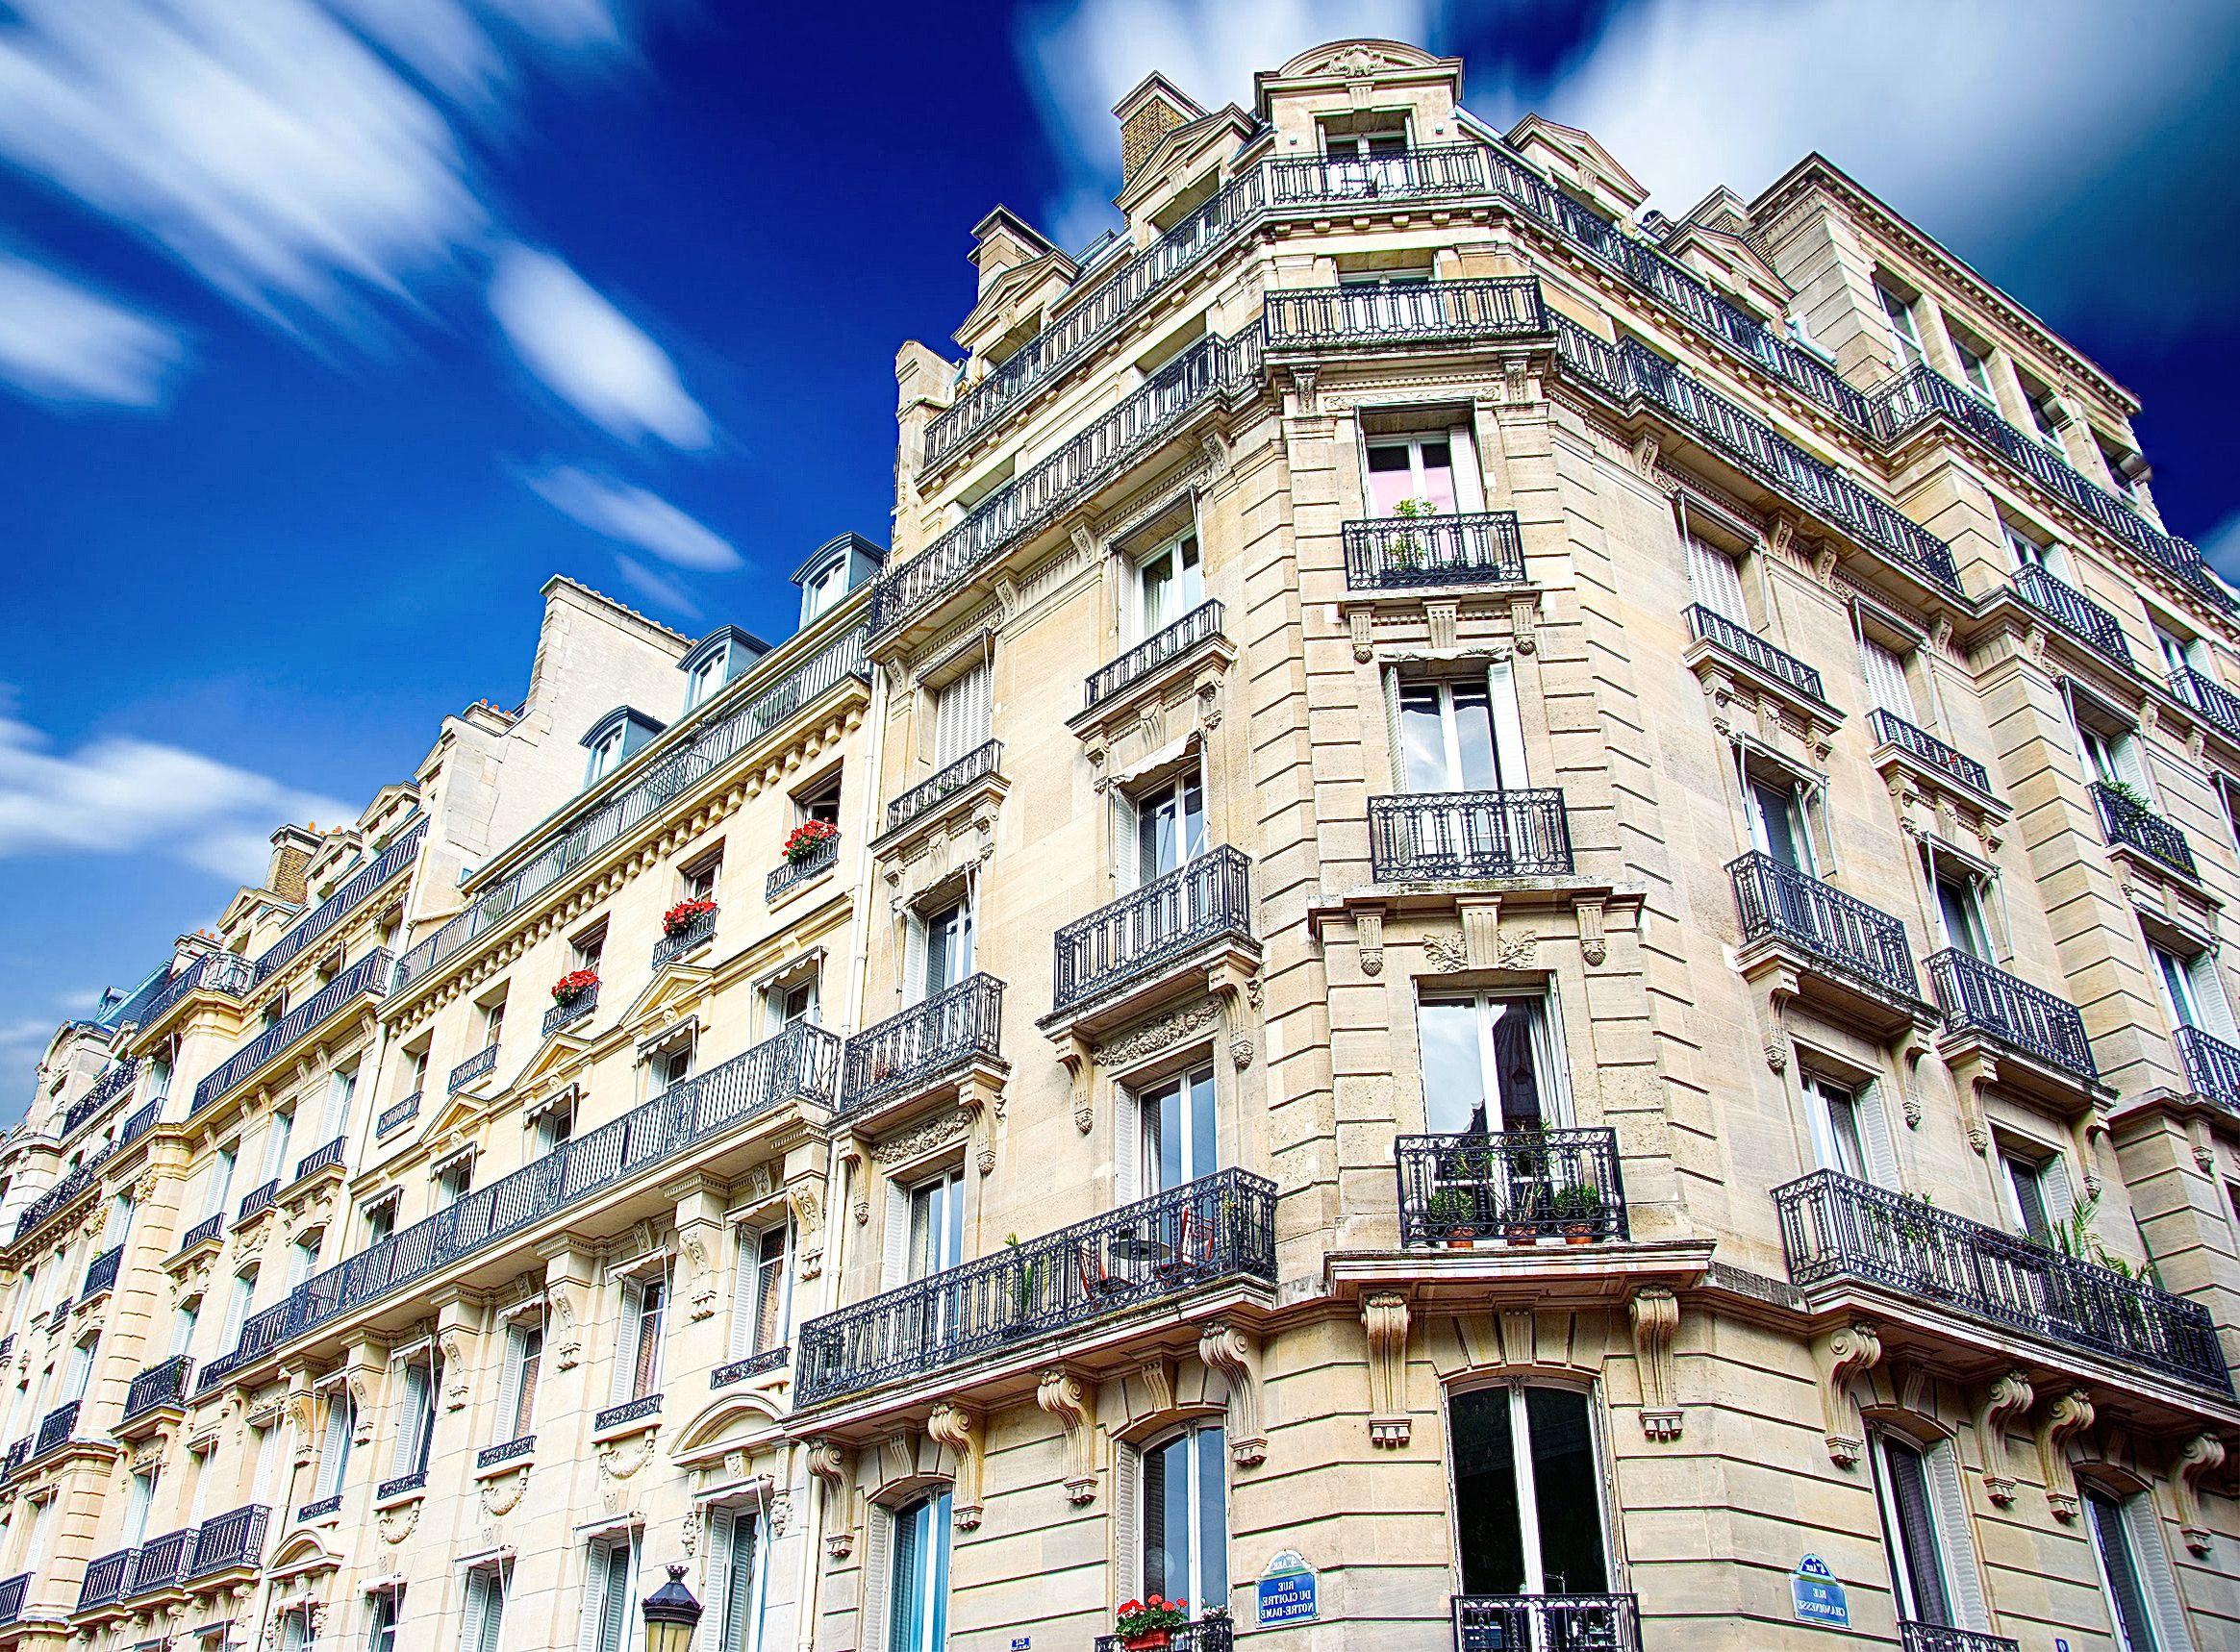 Legs, donations et assurances-vie Institut Pasteur